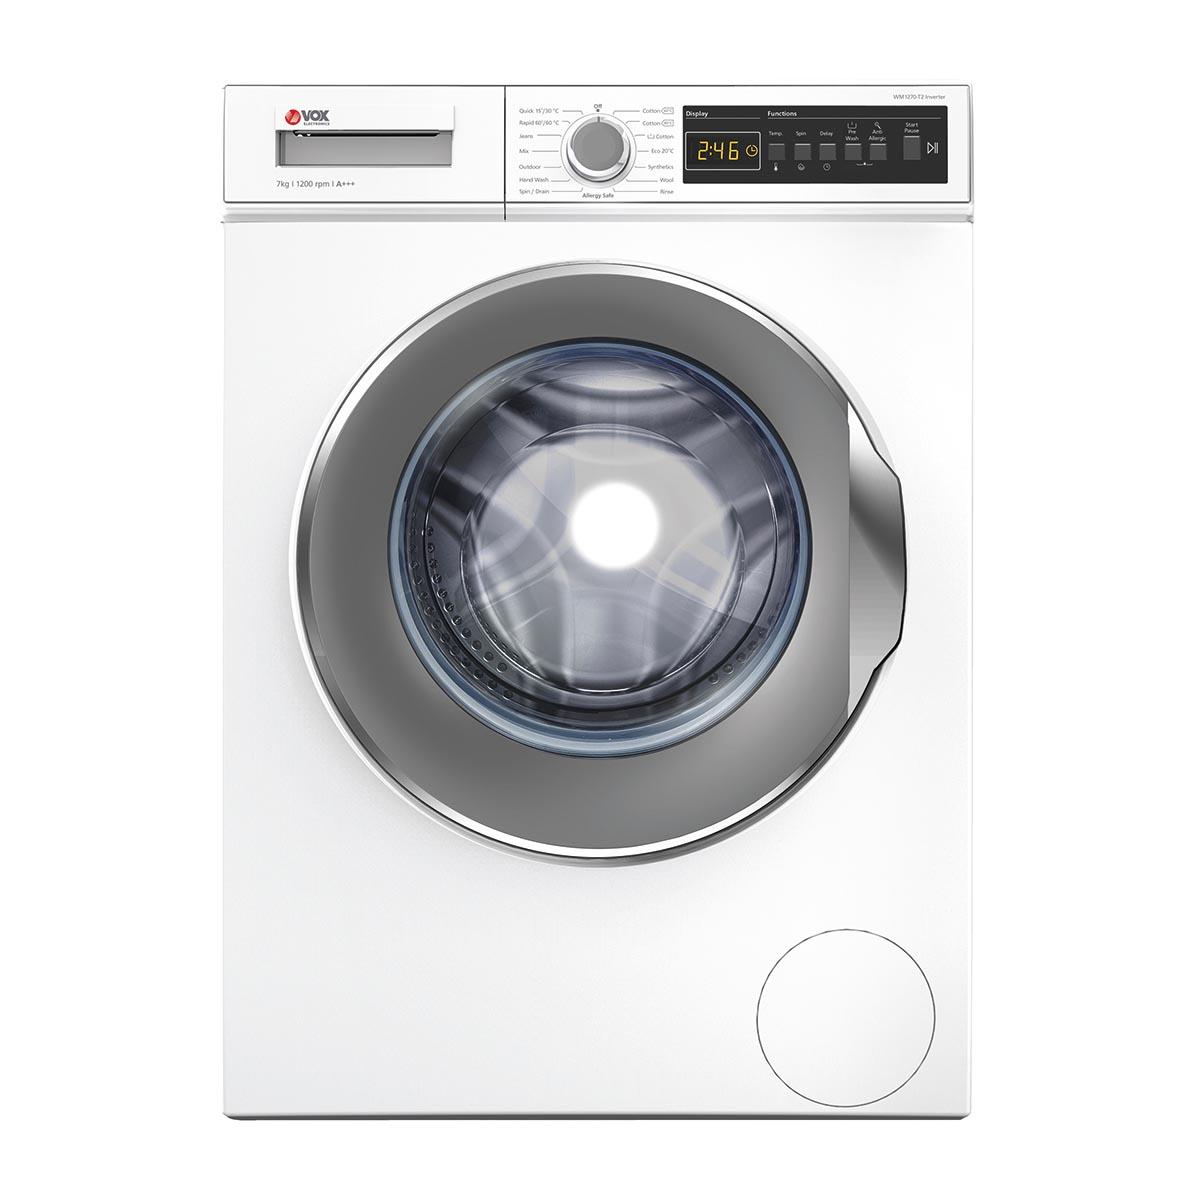 VOX Mašina za pranje veša WM 1270 T2 - Cool Shop